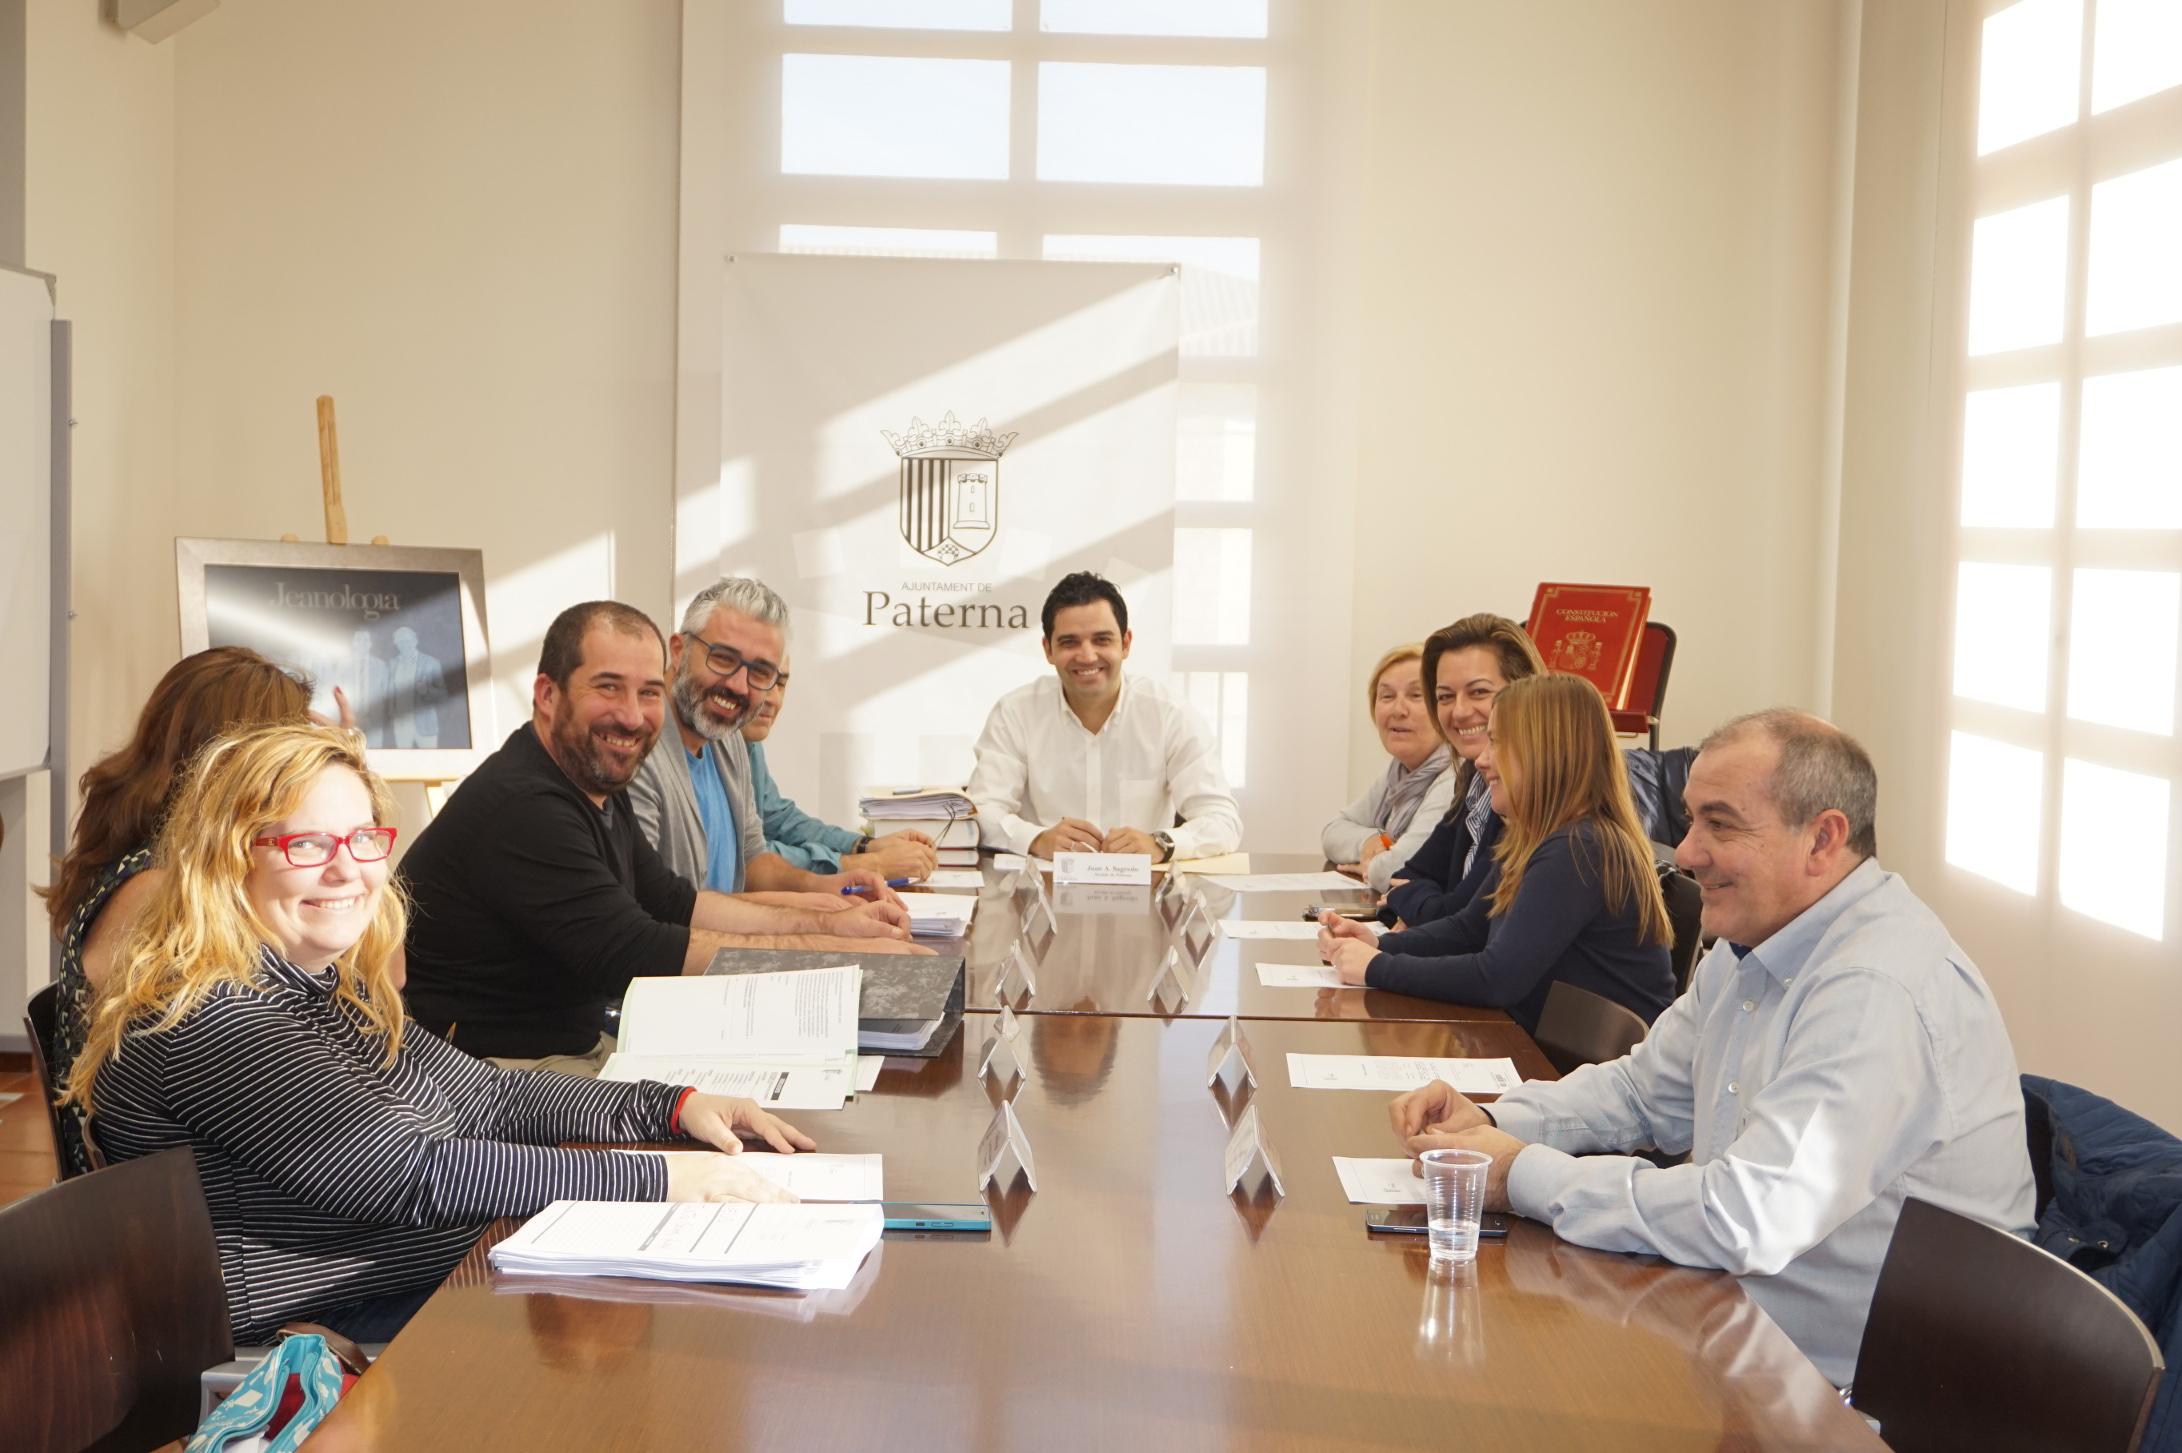 El presupuesto municipal de Paterna para 2017 asciende a 60 millones